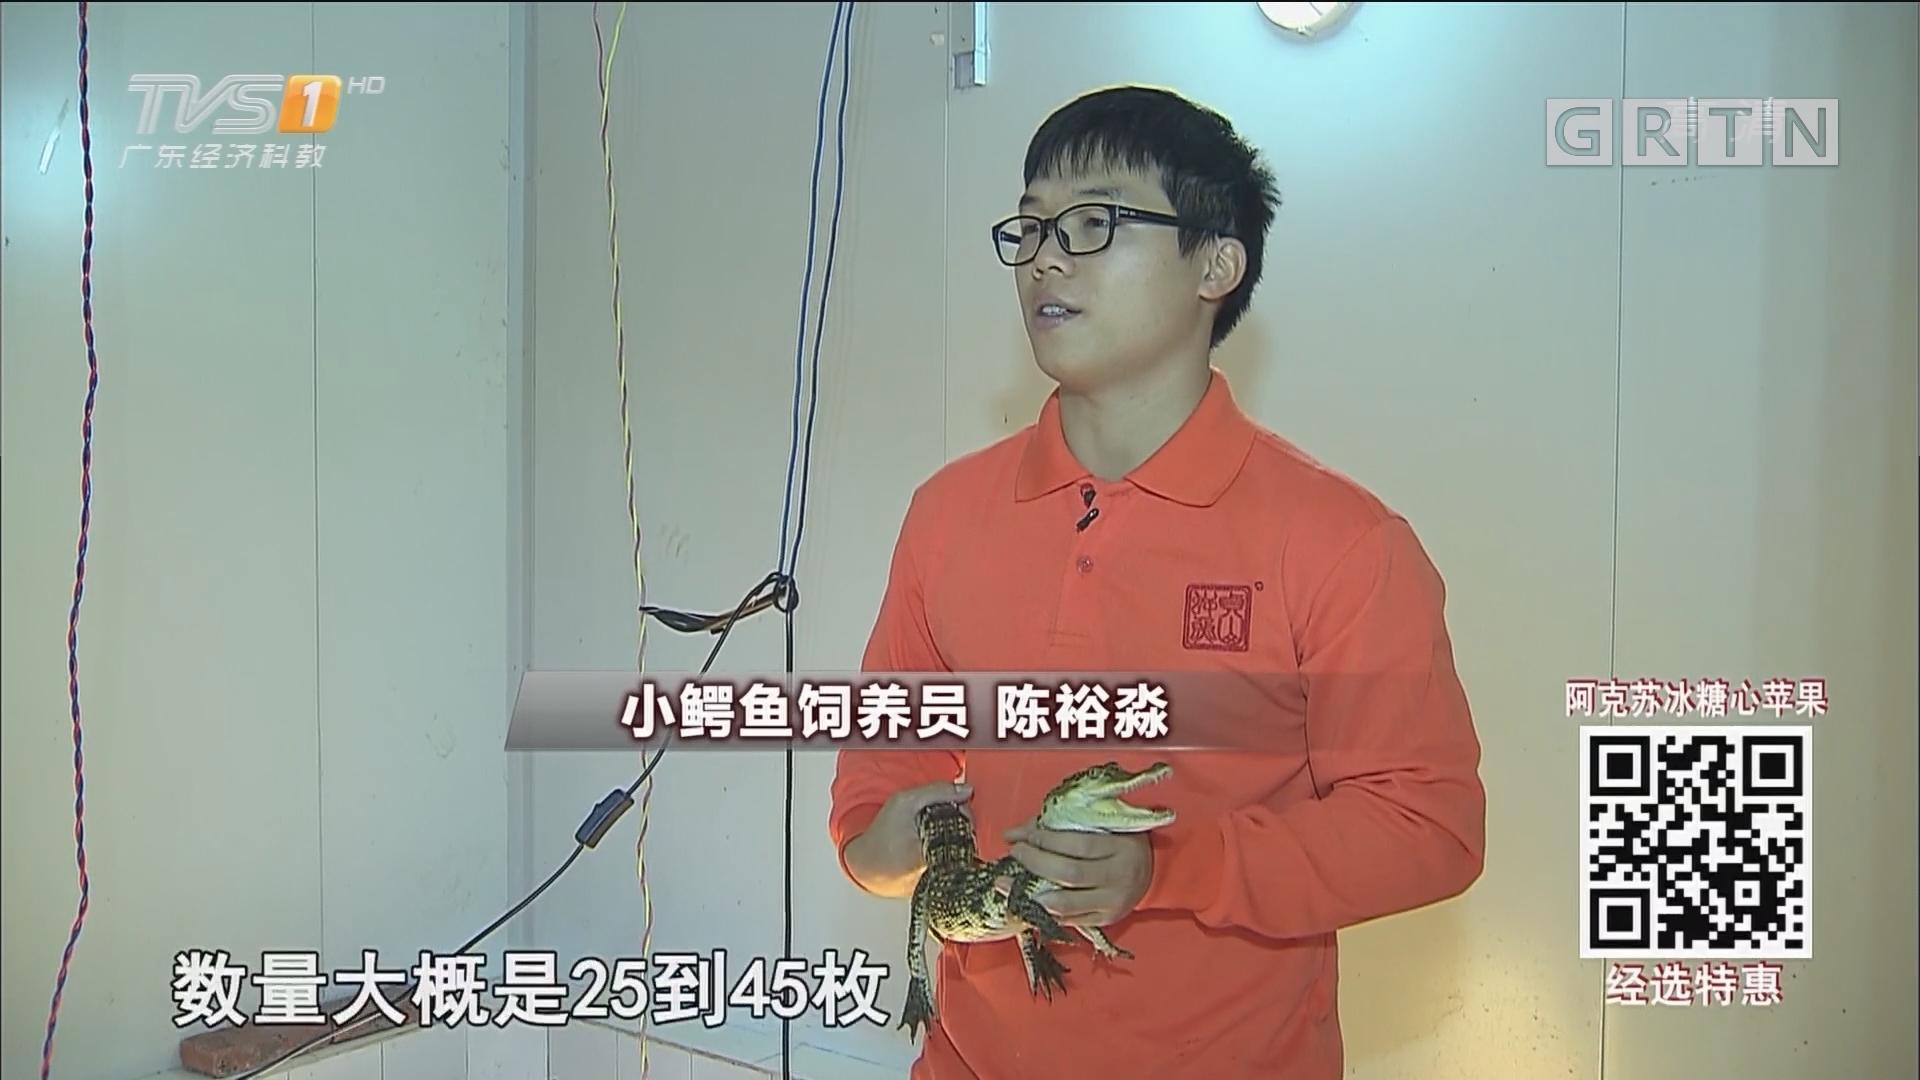 食品安全广东行系列报道 食补的艺术:一瓶鳄鱼酒的诞生